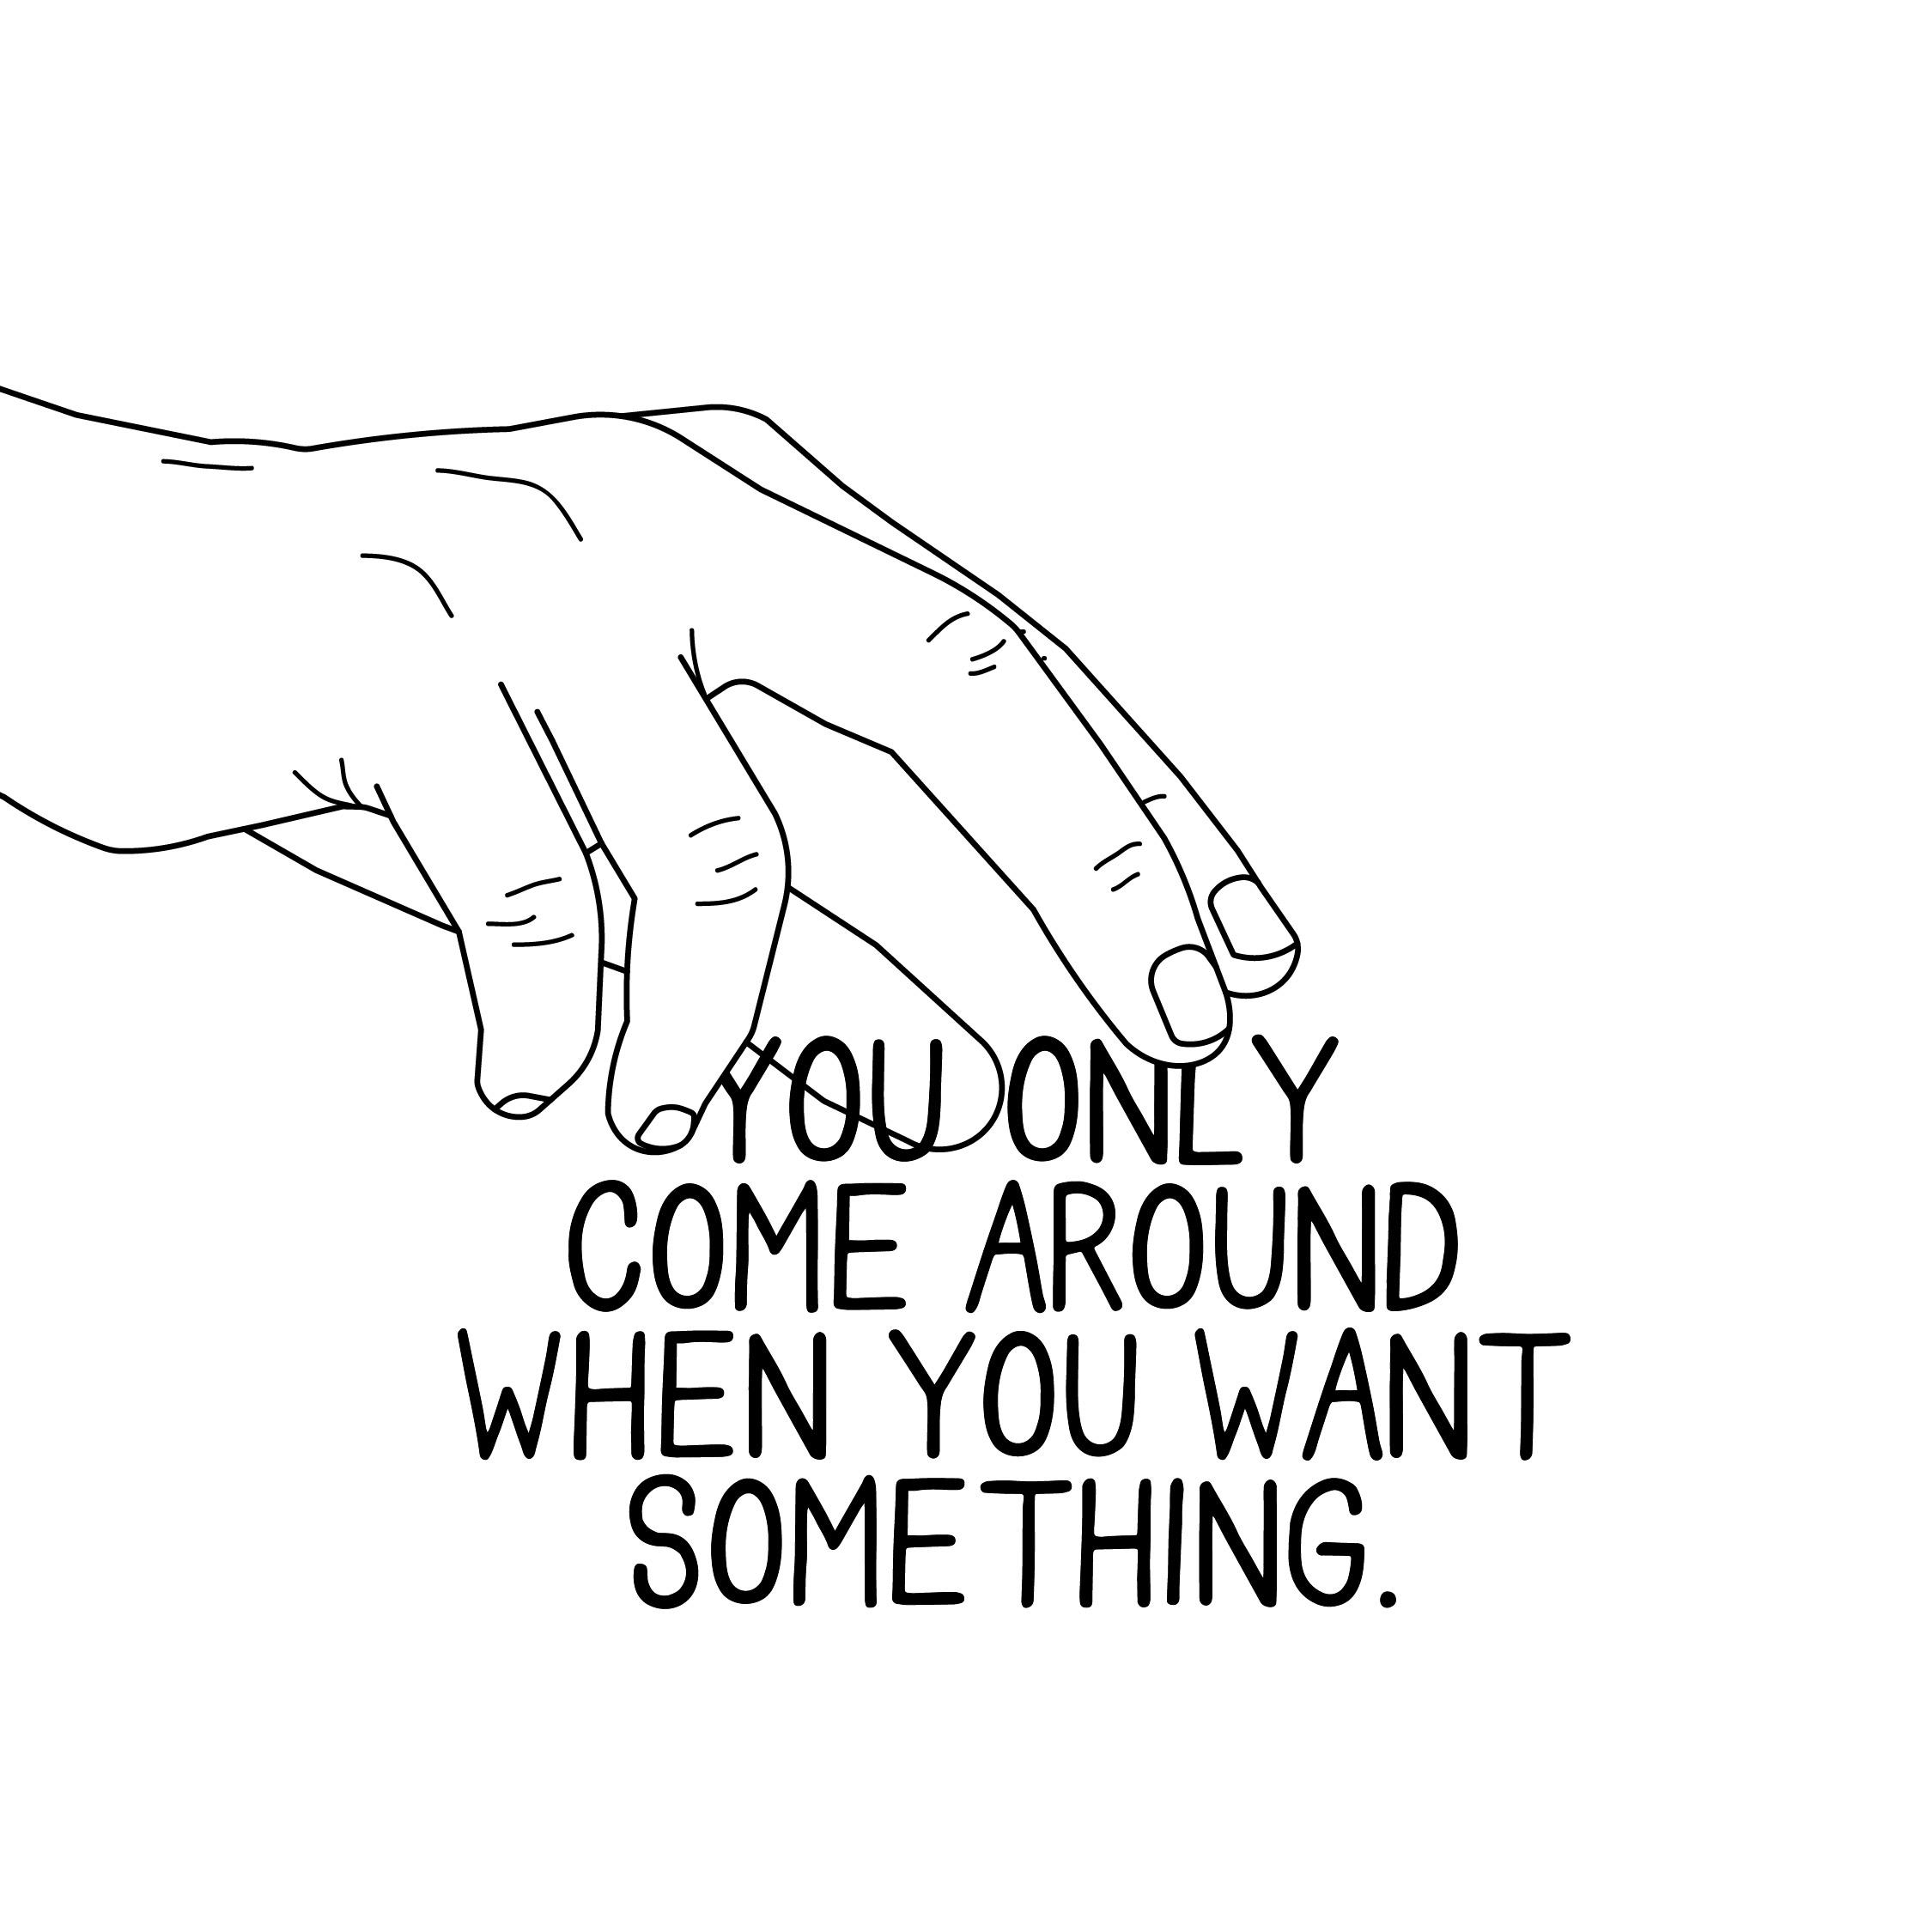 whenyouwantsomething-01.jpg